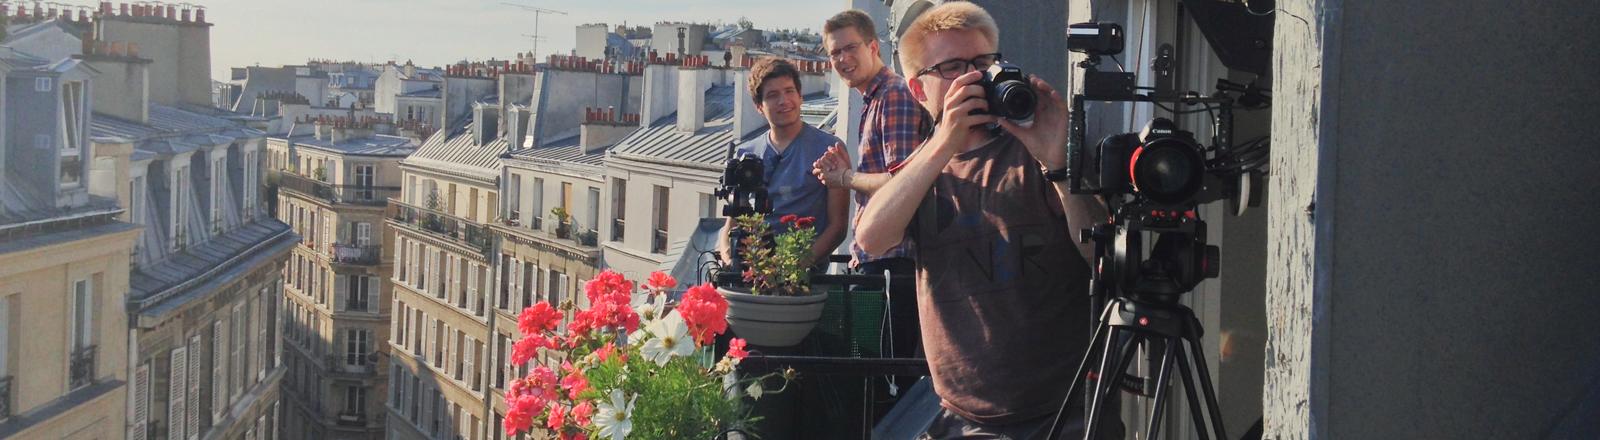 Dreharbeiten auf einem Balkon in Paris